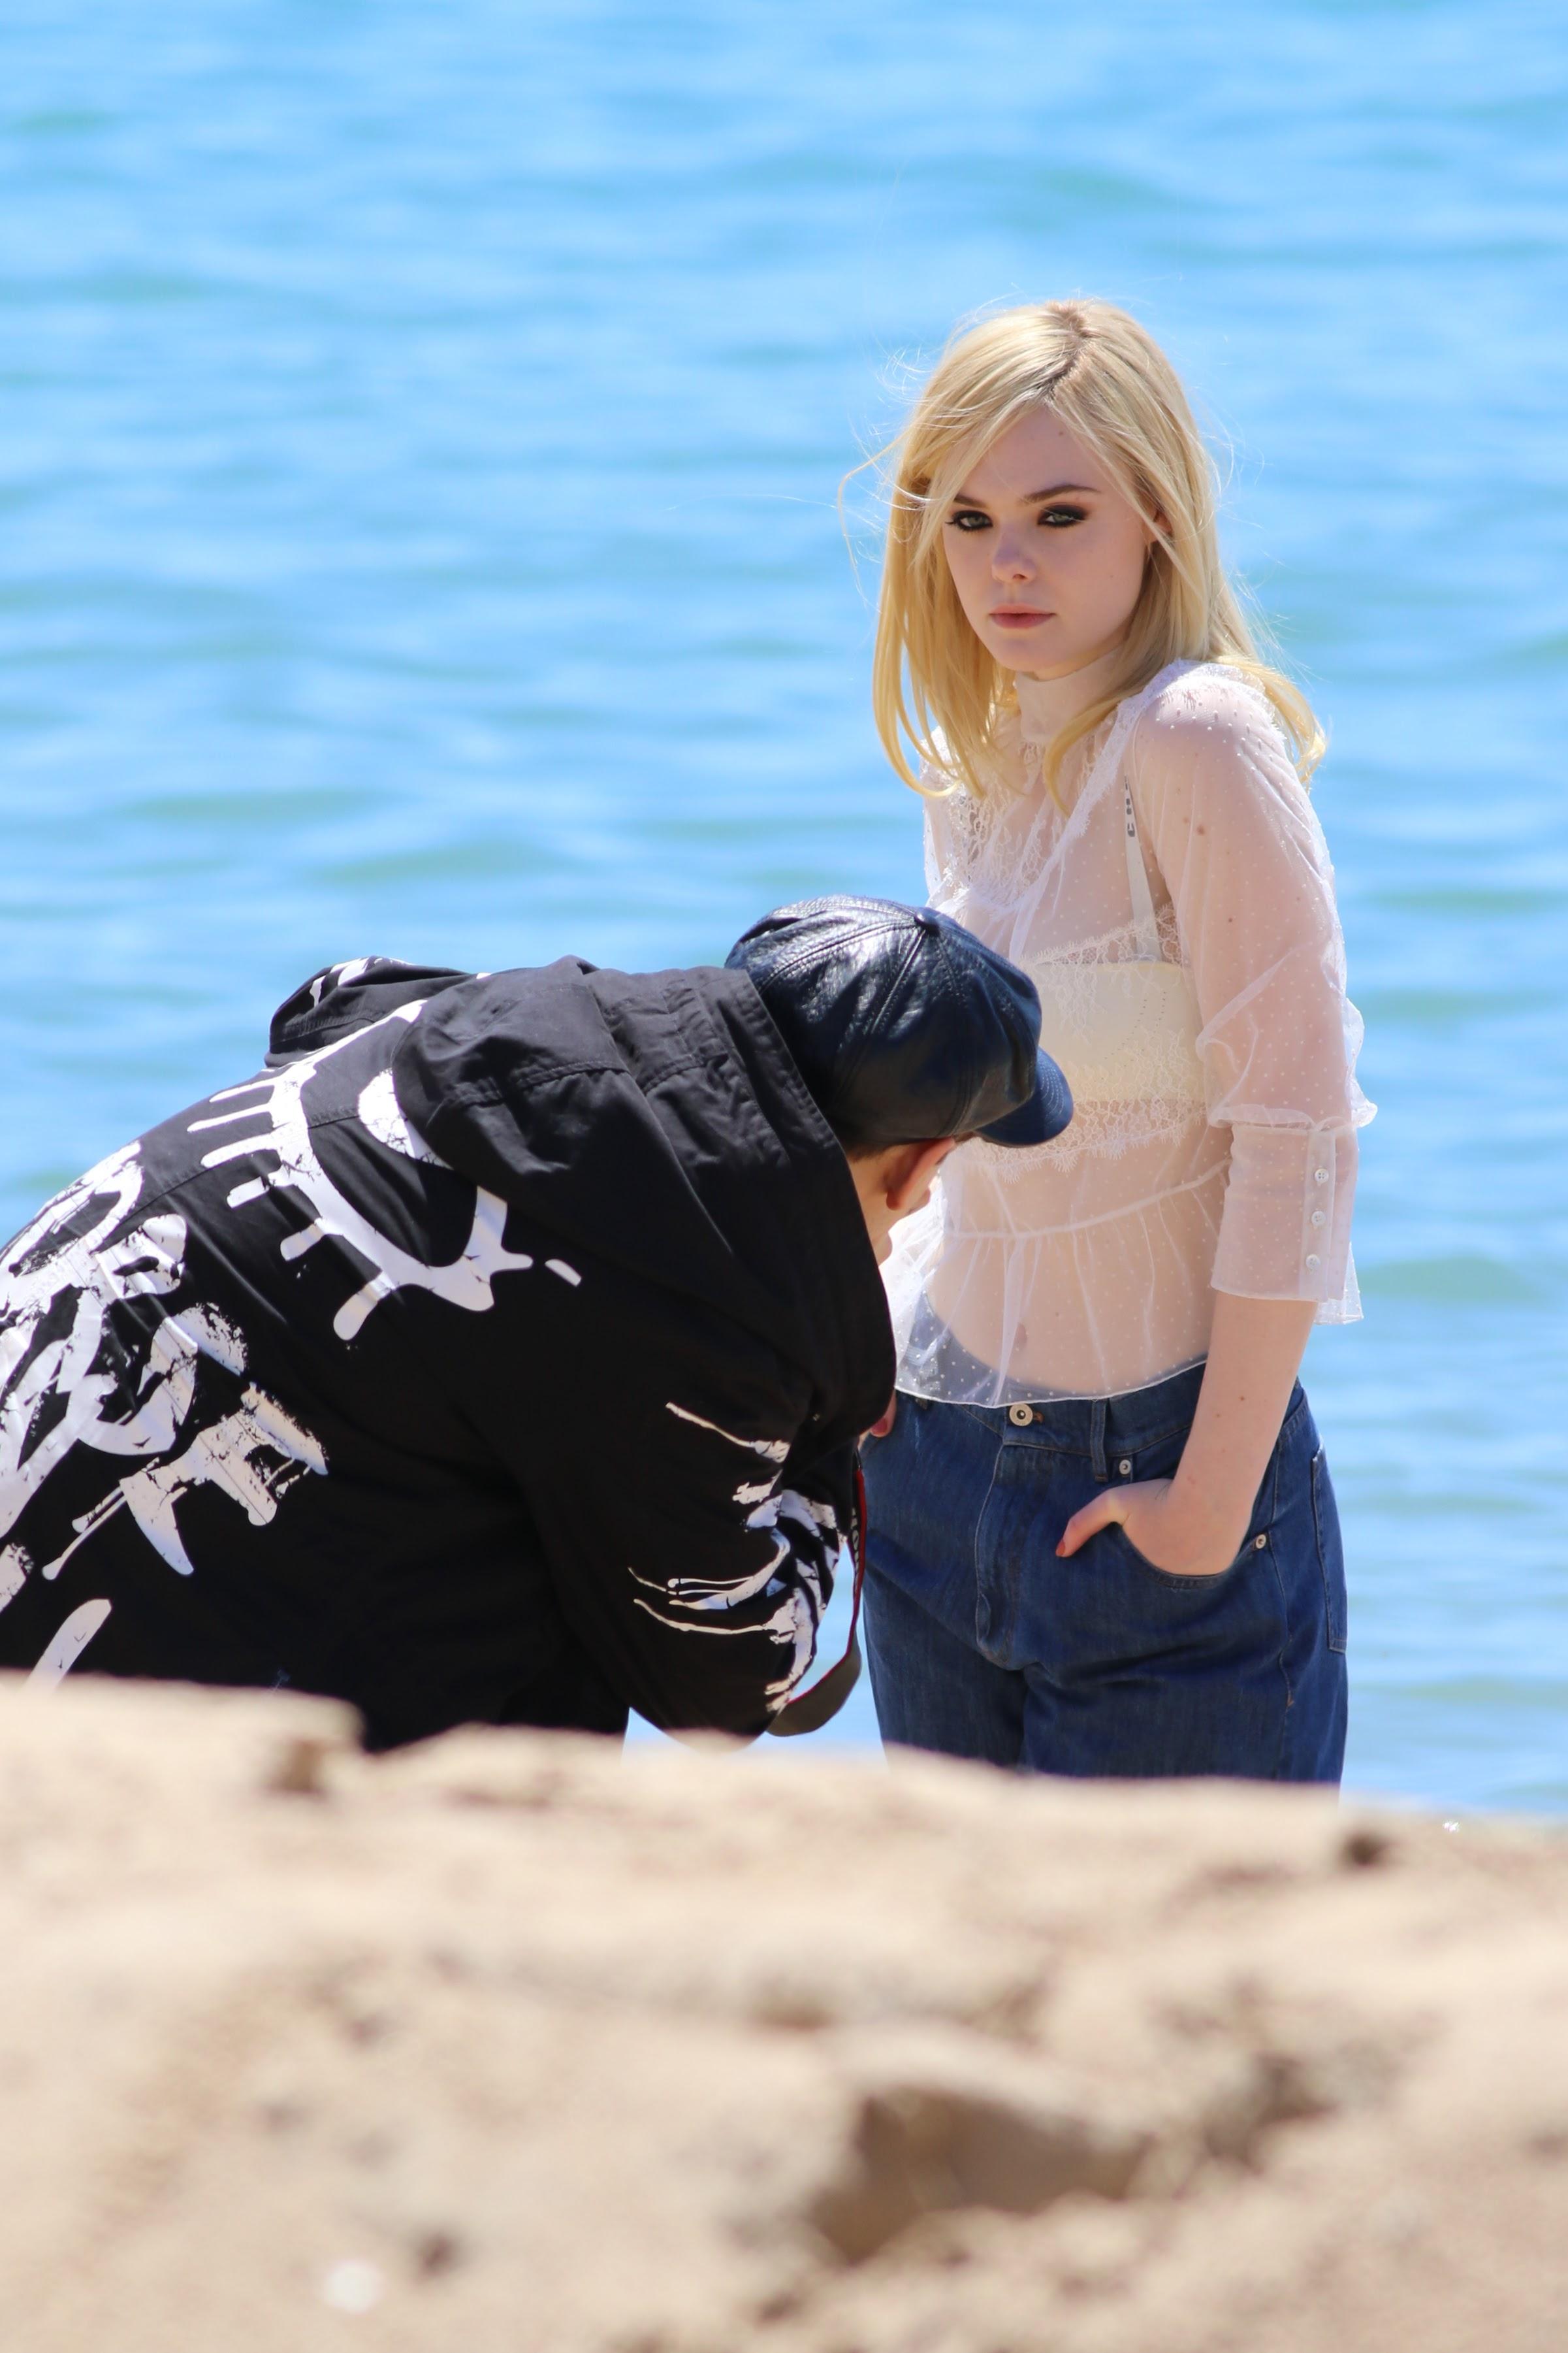 Elle Fanning photoshoot on the Martinez Beach : 第70回カンヌ映画祭のレトロ・ビキニ姿を披露した写真撮影中のエルたん ! !